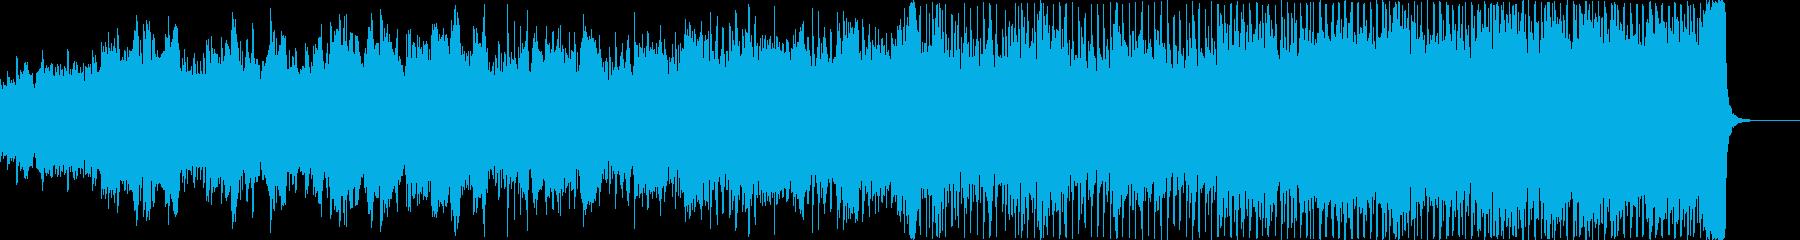 ノスタルジックで爽やかな映像、CMにの再生済みの波形